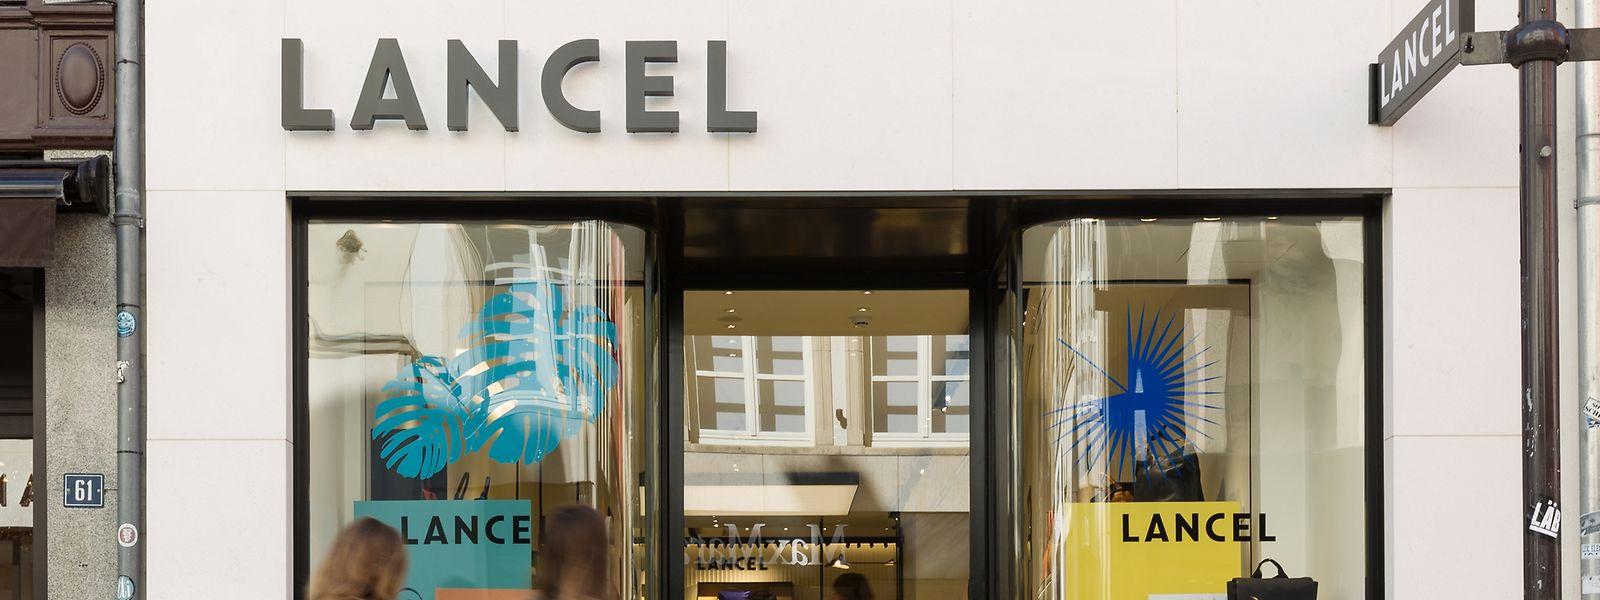 Die Marke Lancel wurde an eine italienische Gruppe verkauft.